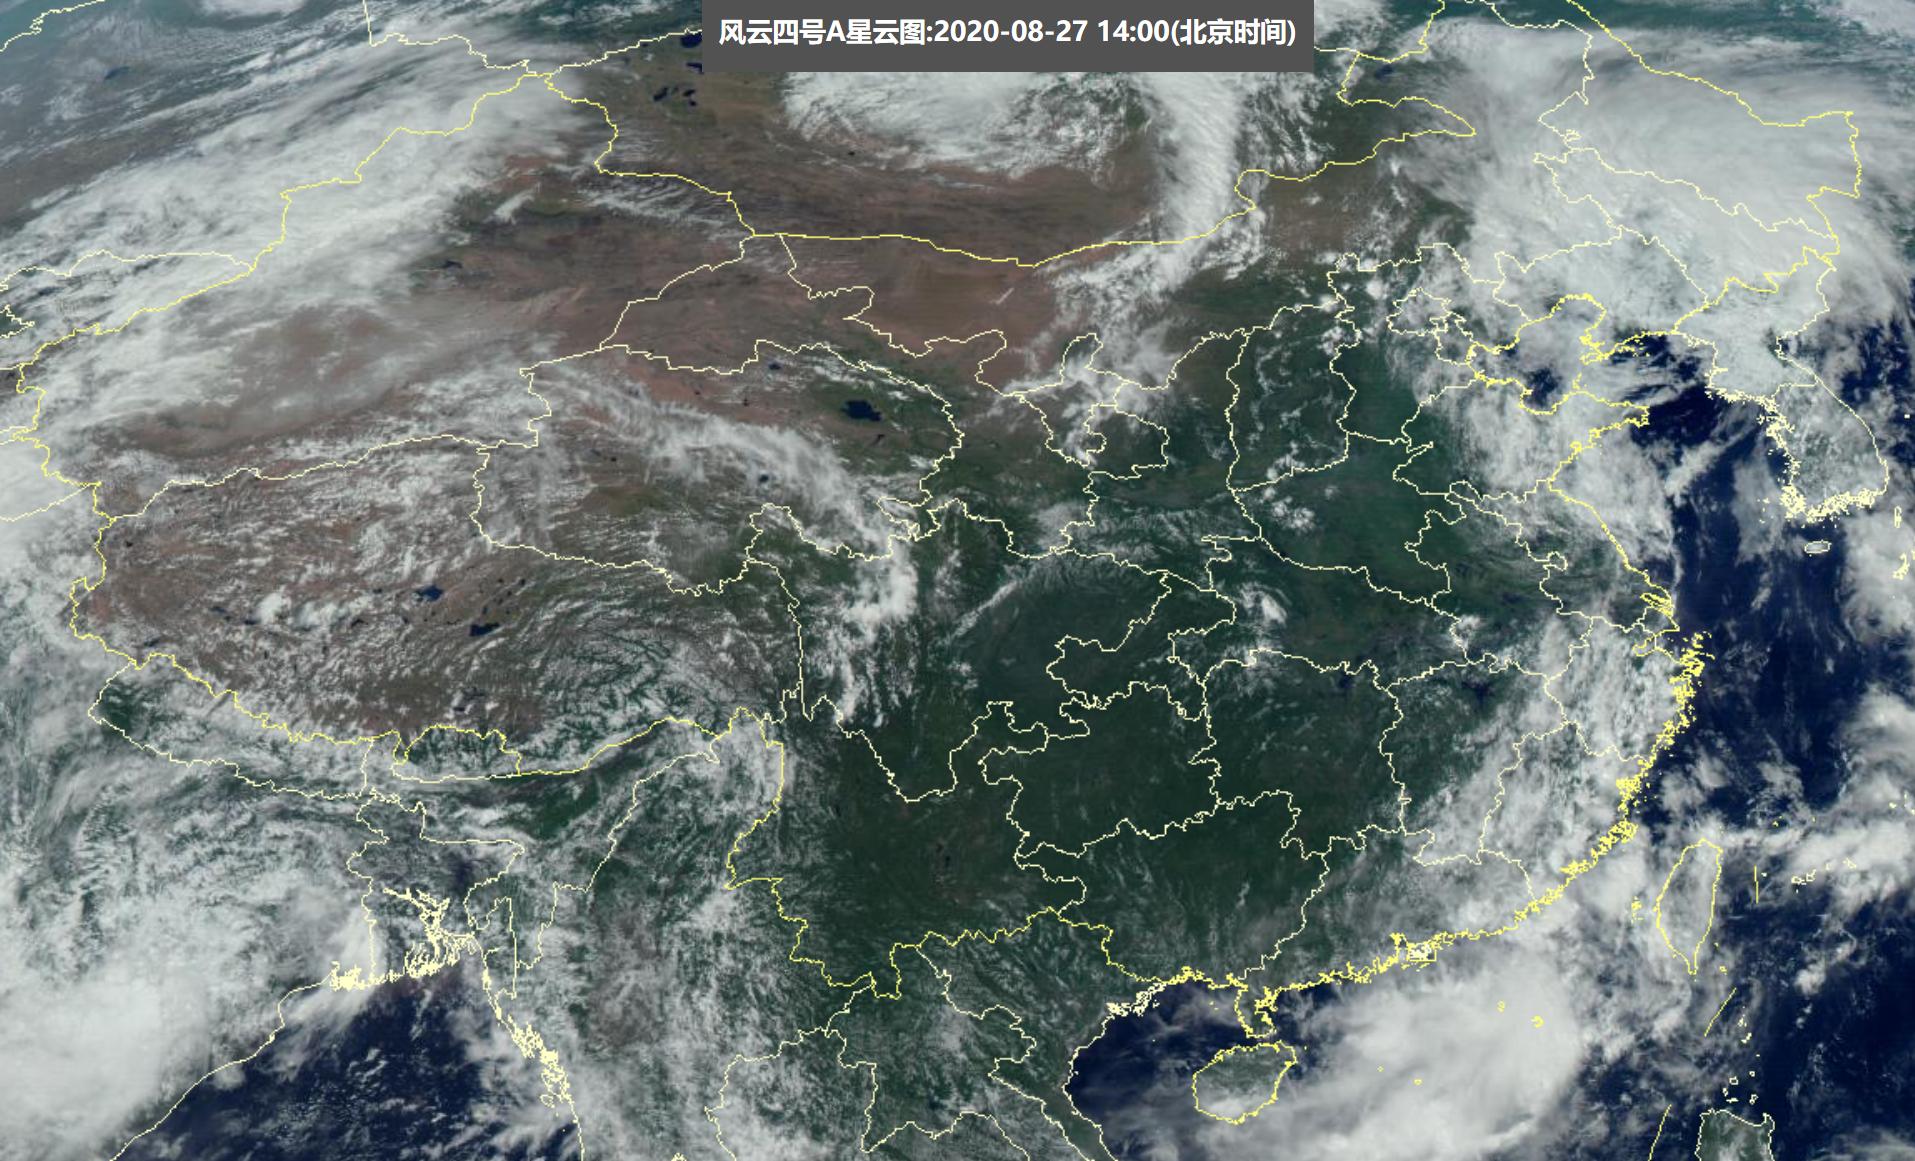 甘肃、新疆突然降温 寒潮来了?权威预测